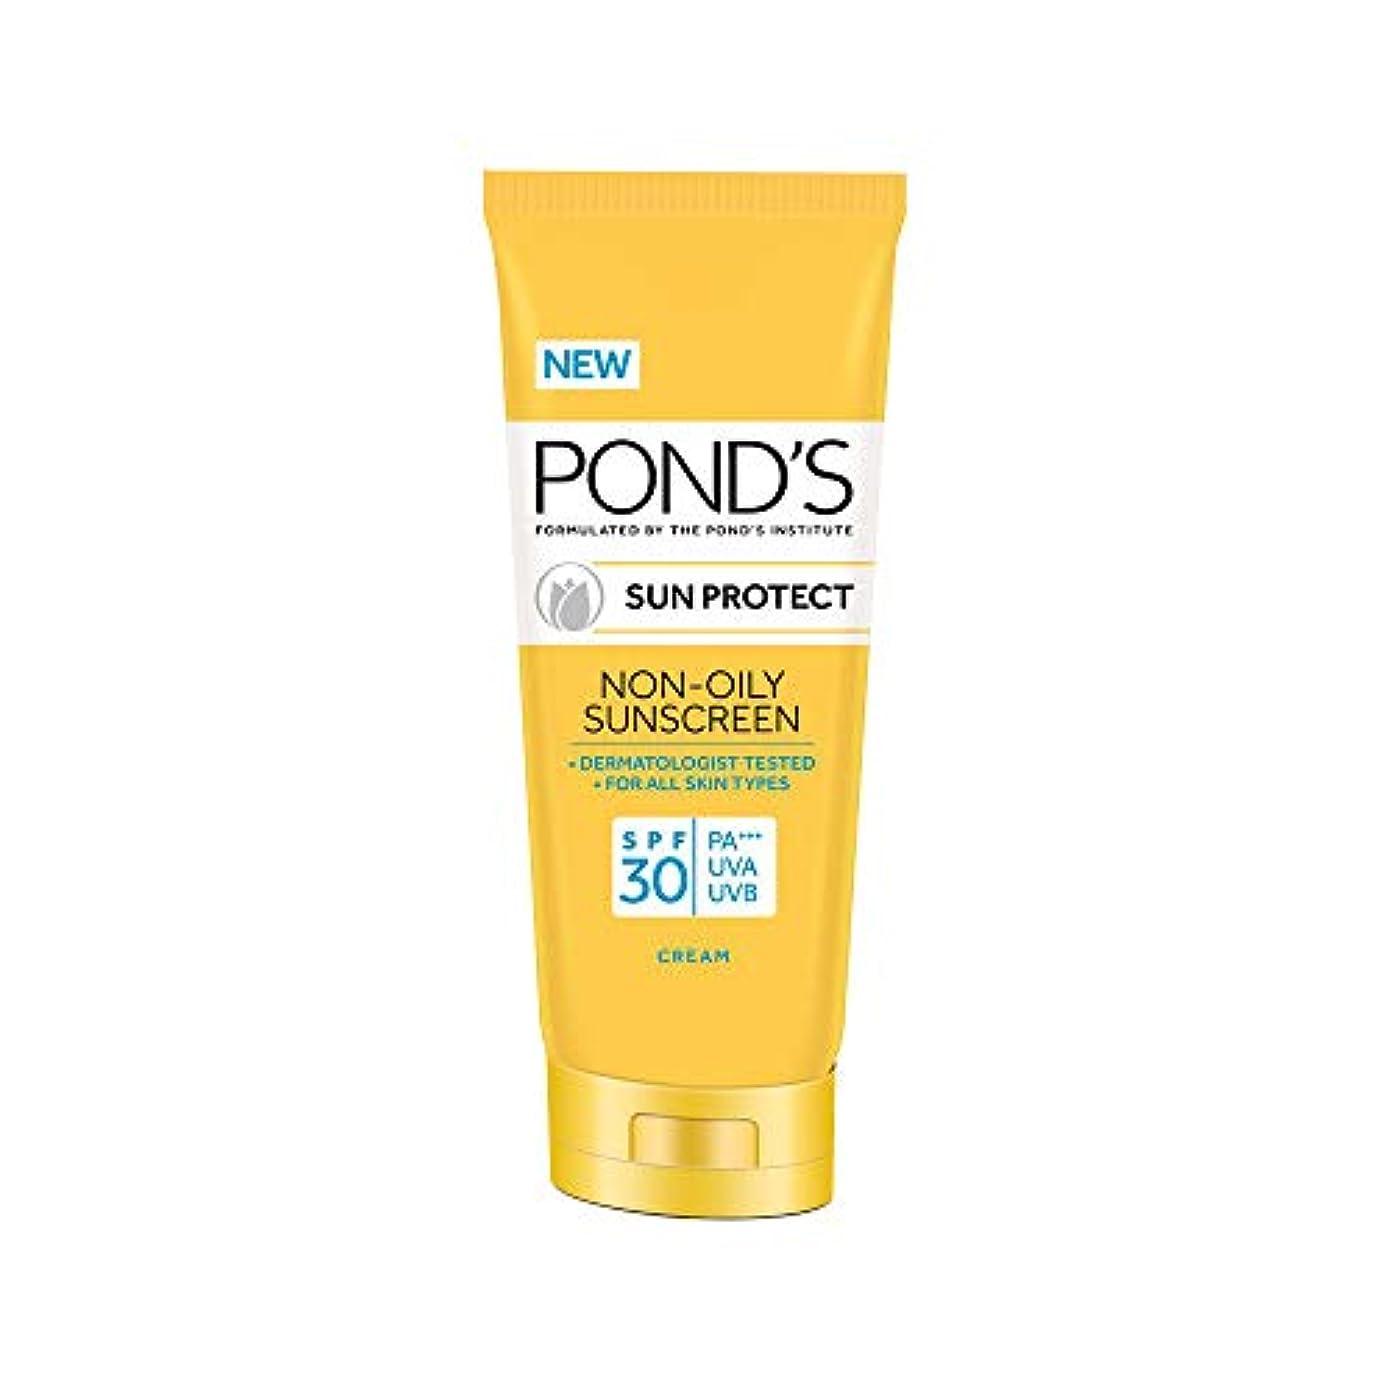 マーチャンダイザー老朽化した類推POND'S Sun Protect Non-Oily Sunscreen SPF 30, 80 g